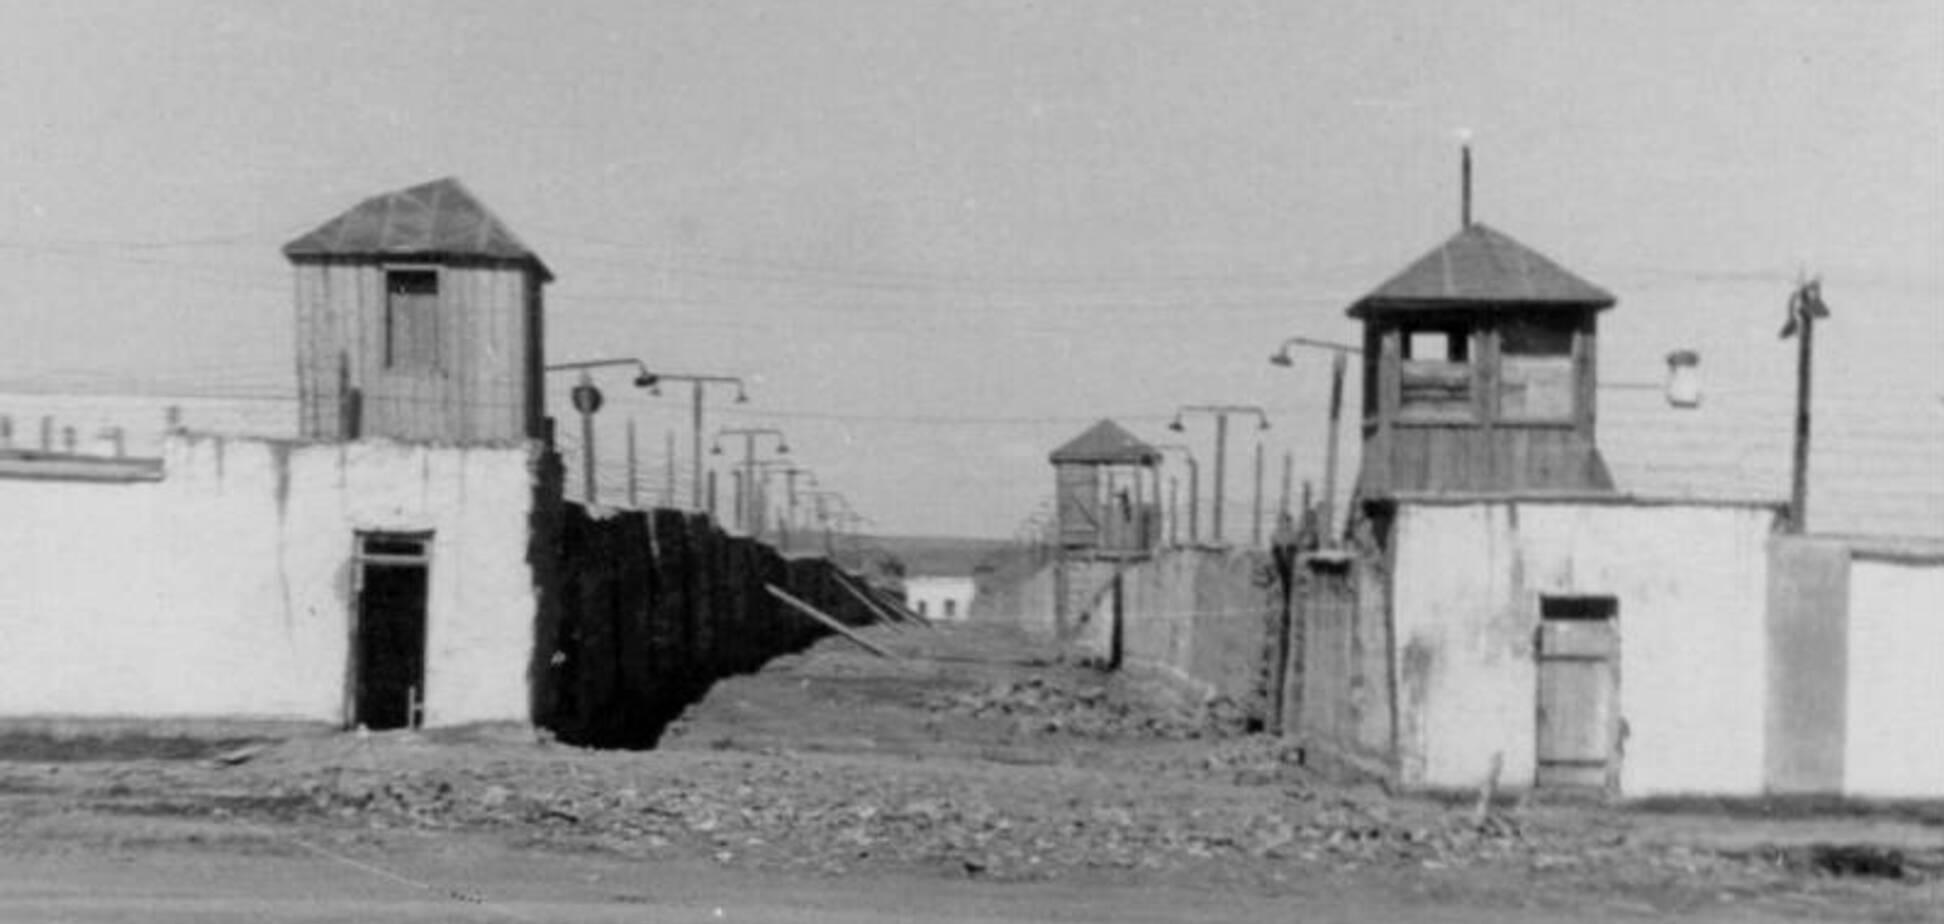 40 днів свободи в ГУЛАГу: як змучені політв'язні підняли масовий бунт у таборі смерті СРСР